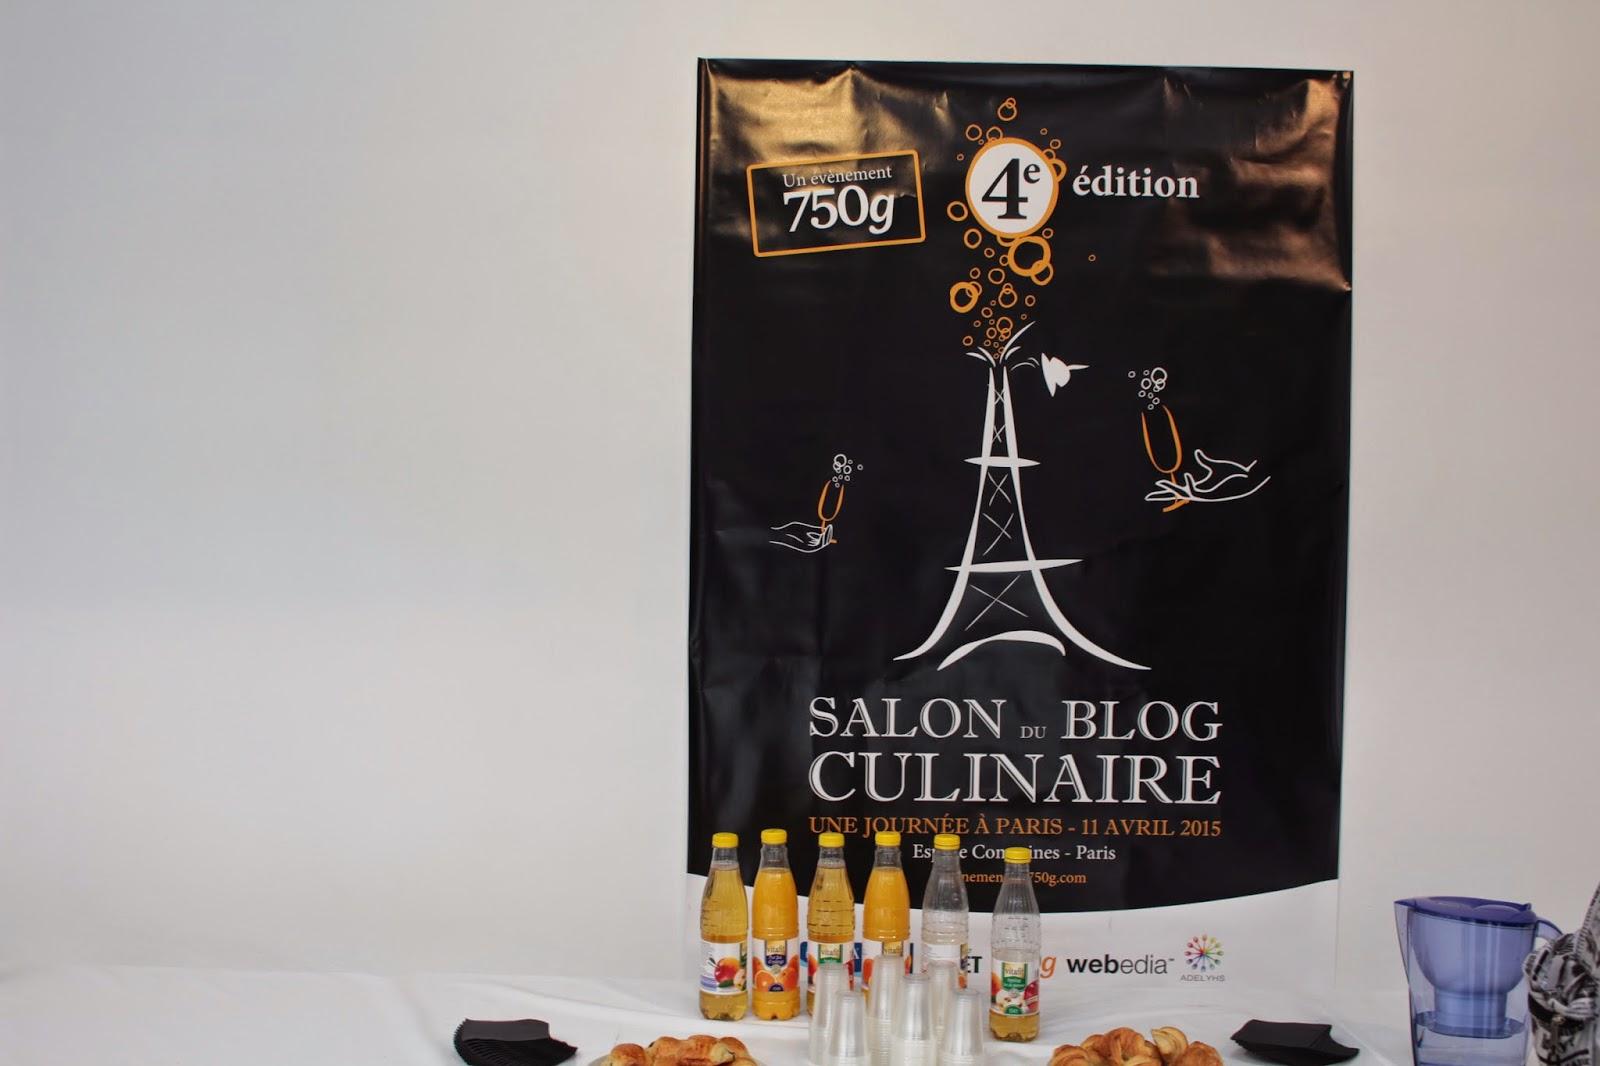 Salon du blog culinaire 2015 à Paris